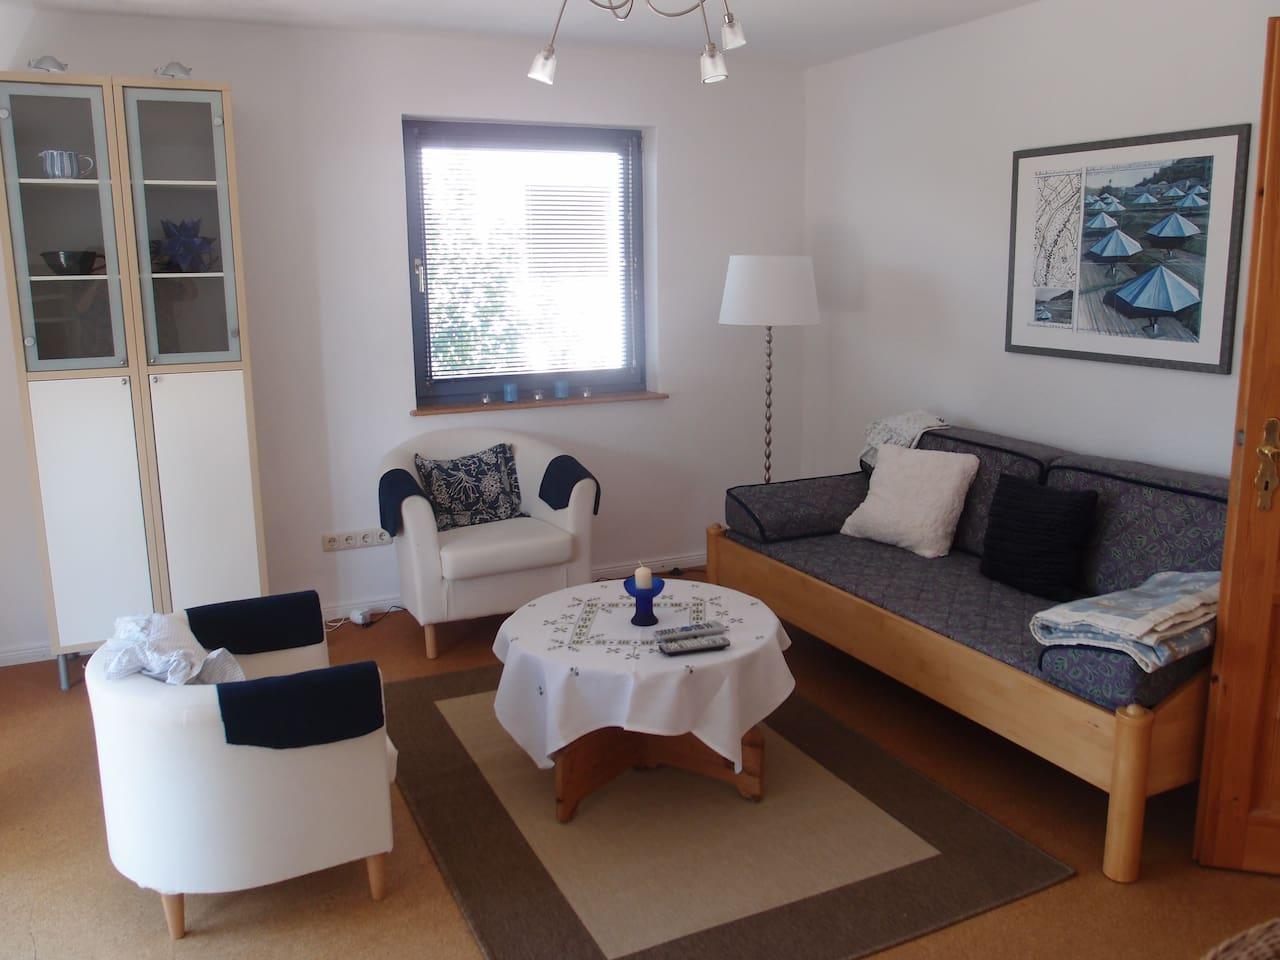 Wohnzimmer mit Schlafcouch und TV